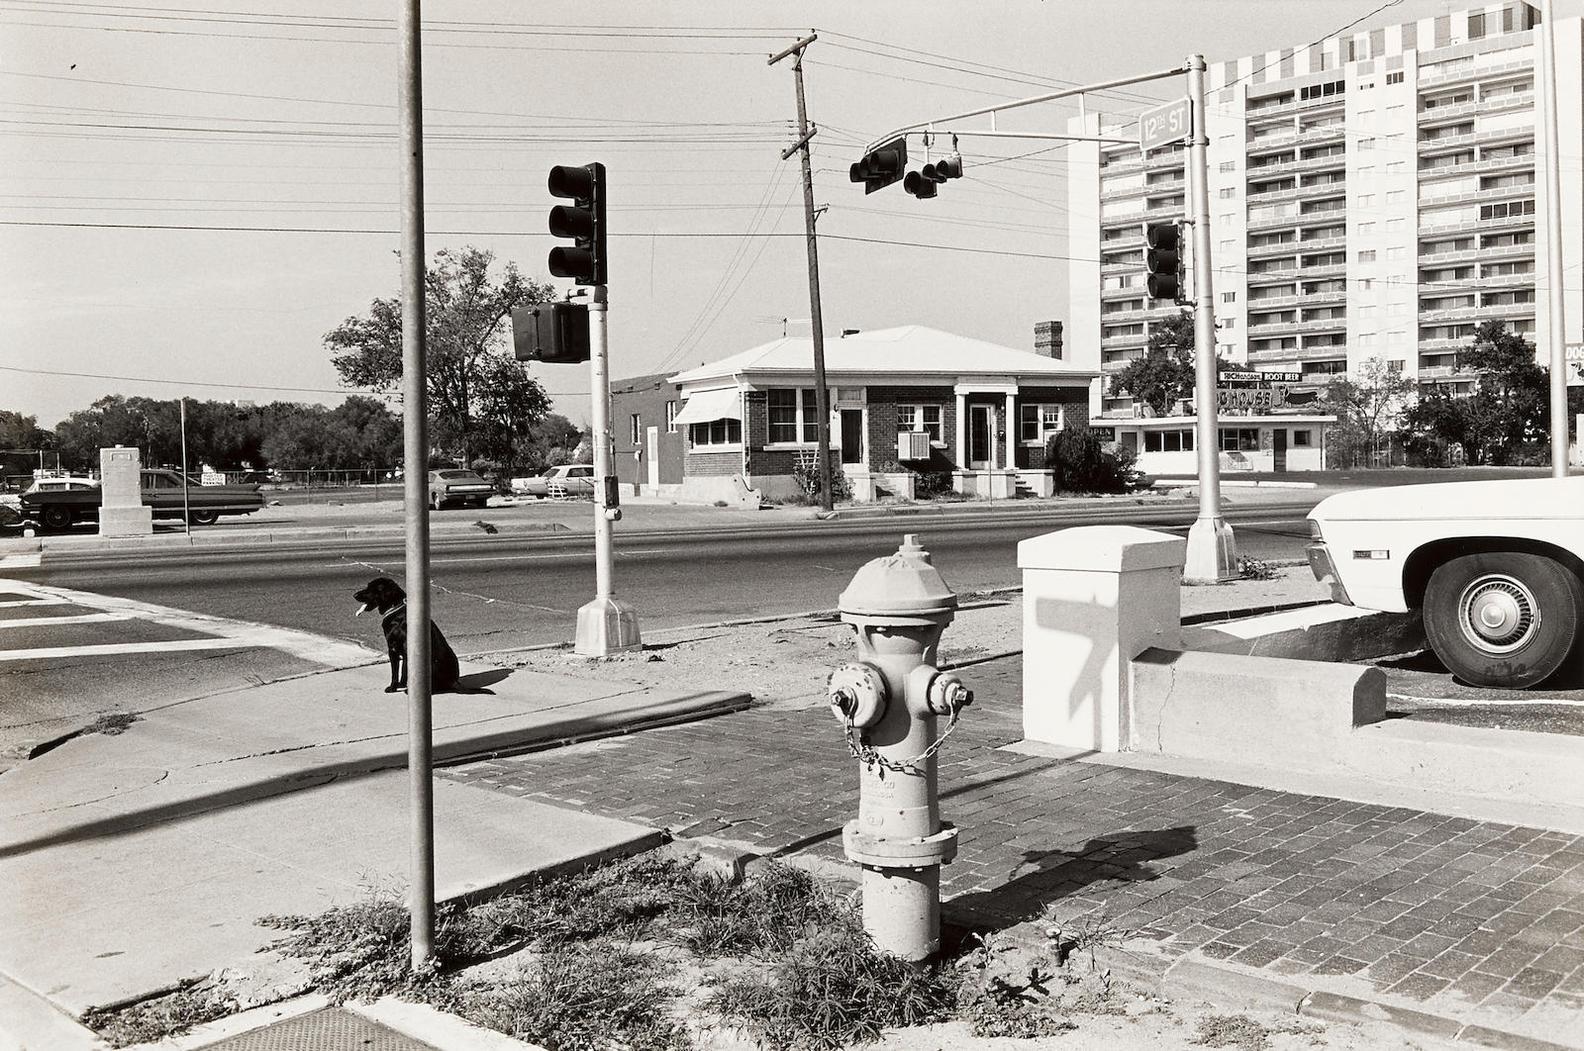 Lee Friedlander-Albuquerque-1972